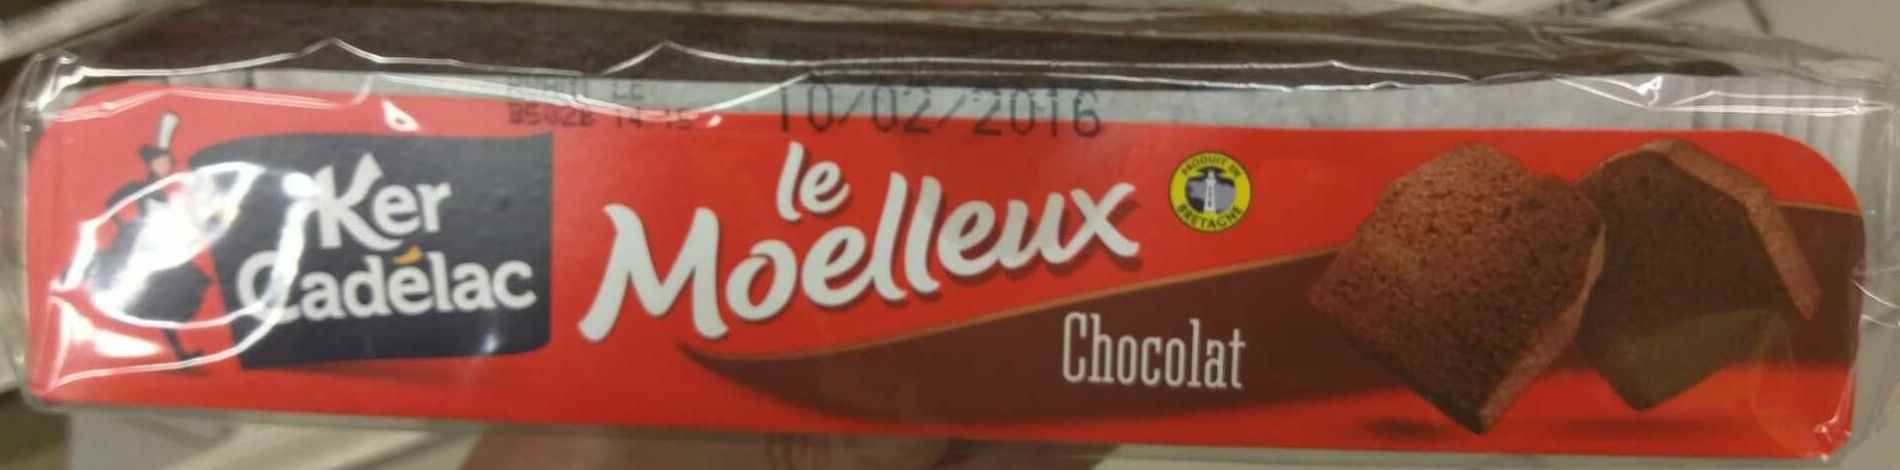 Le Moelleux Chocolat - Produit - fr